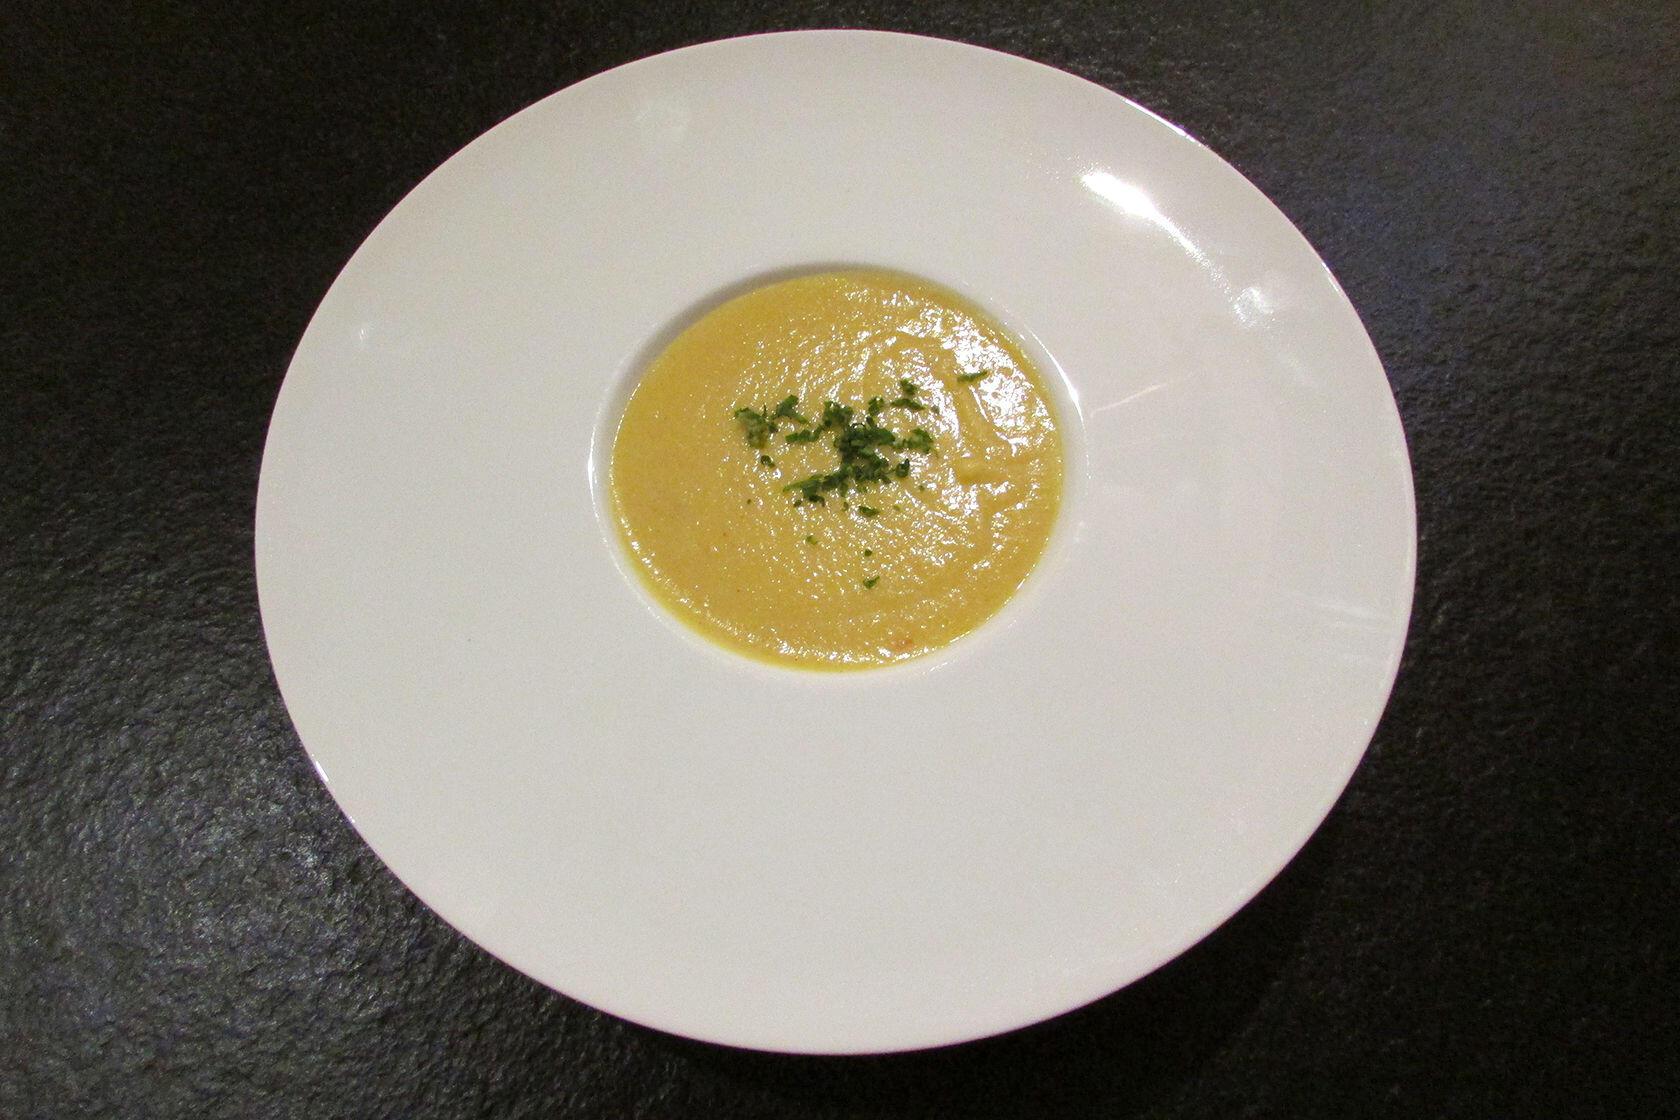 Spicy Parsnip Soup @Masdaugustine